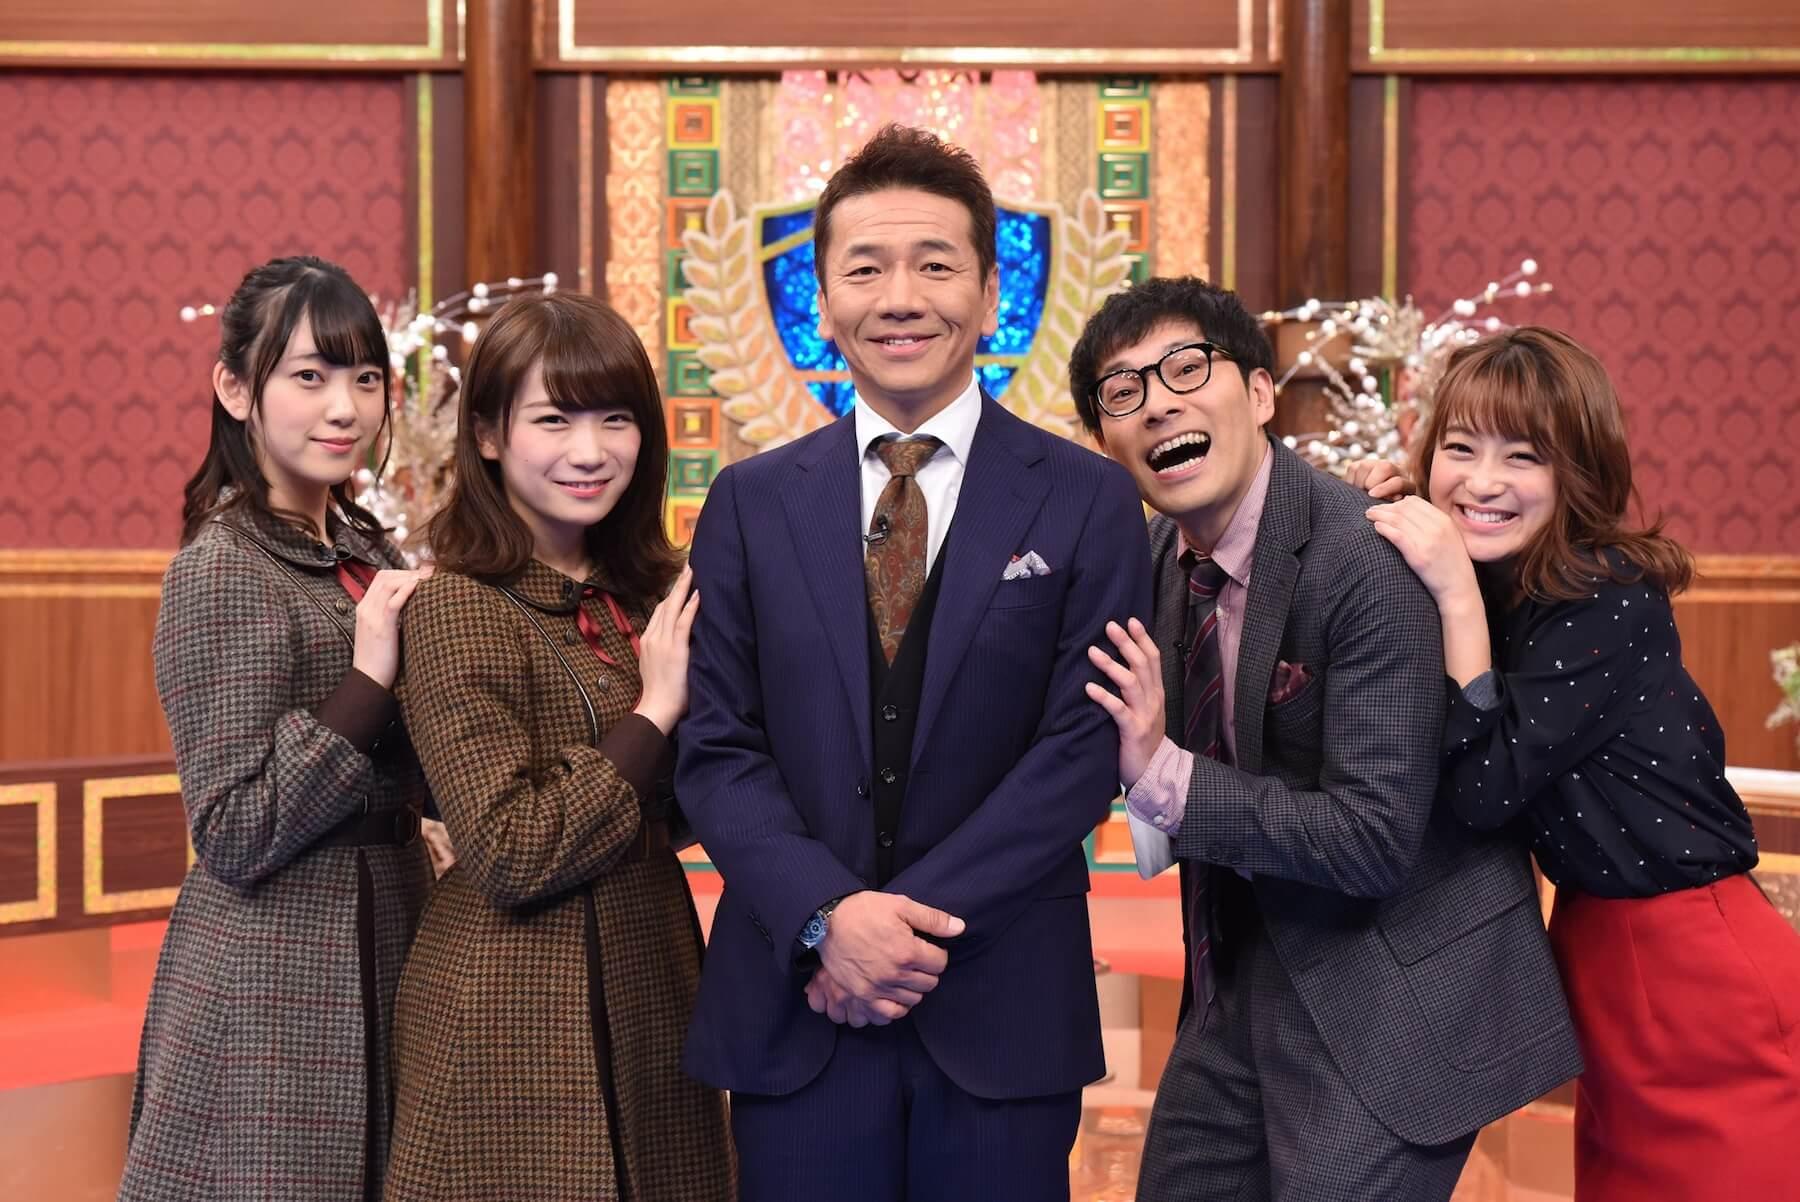 一流有名人の側近から処世術を学ぶ番組「ソッキング」(中京テレビ)